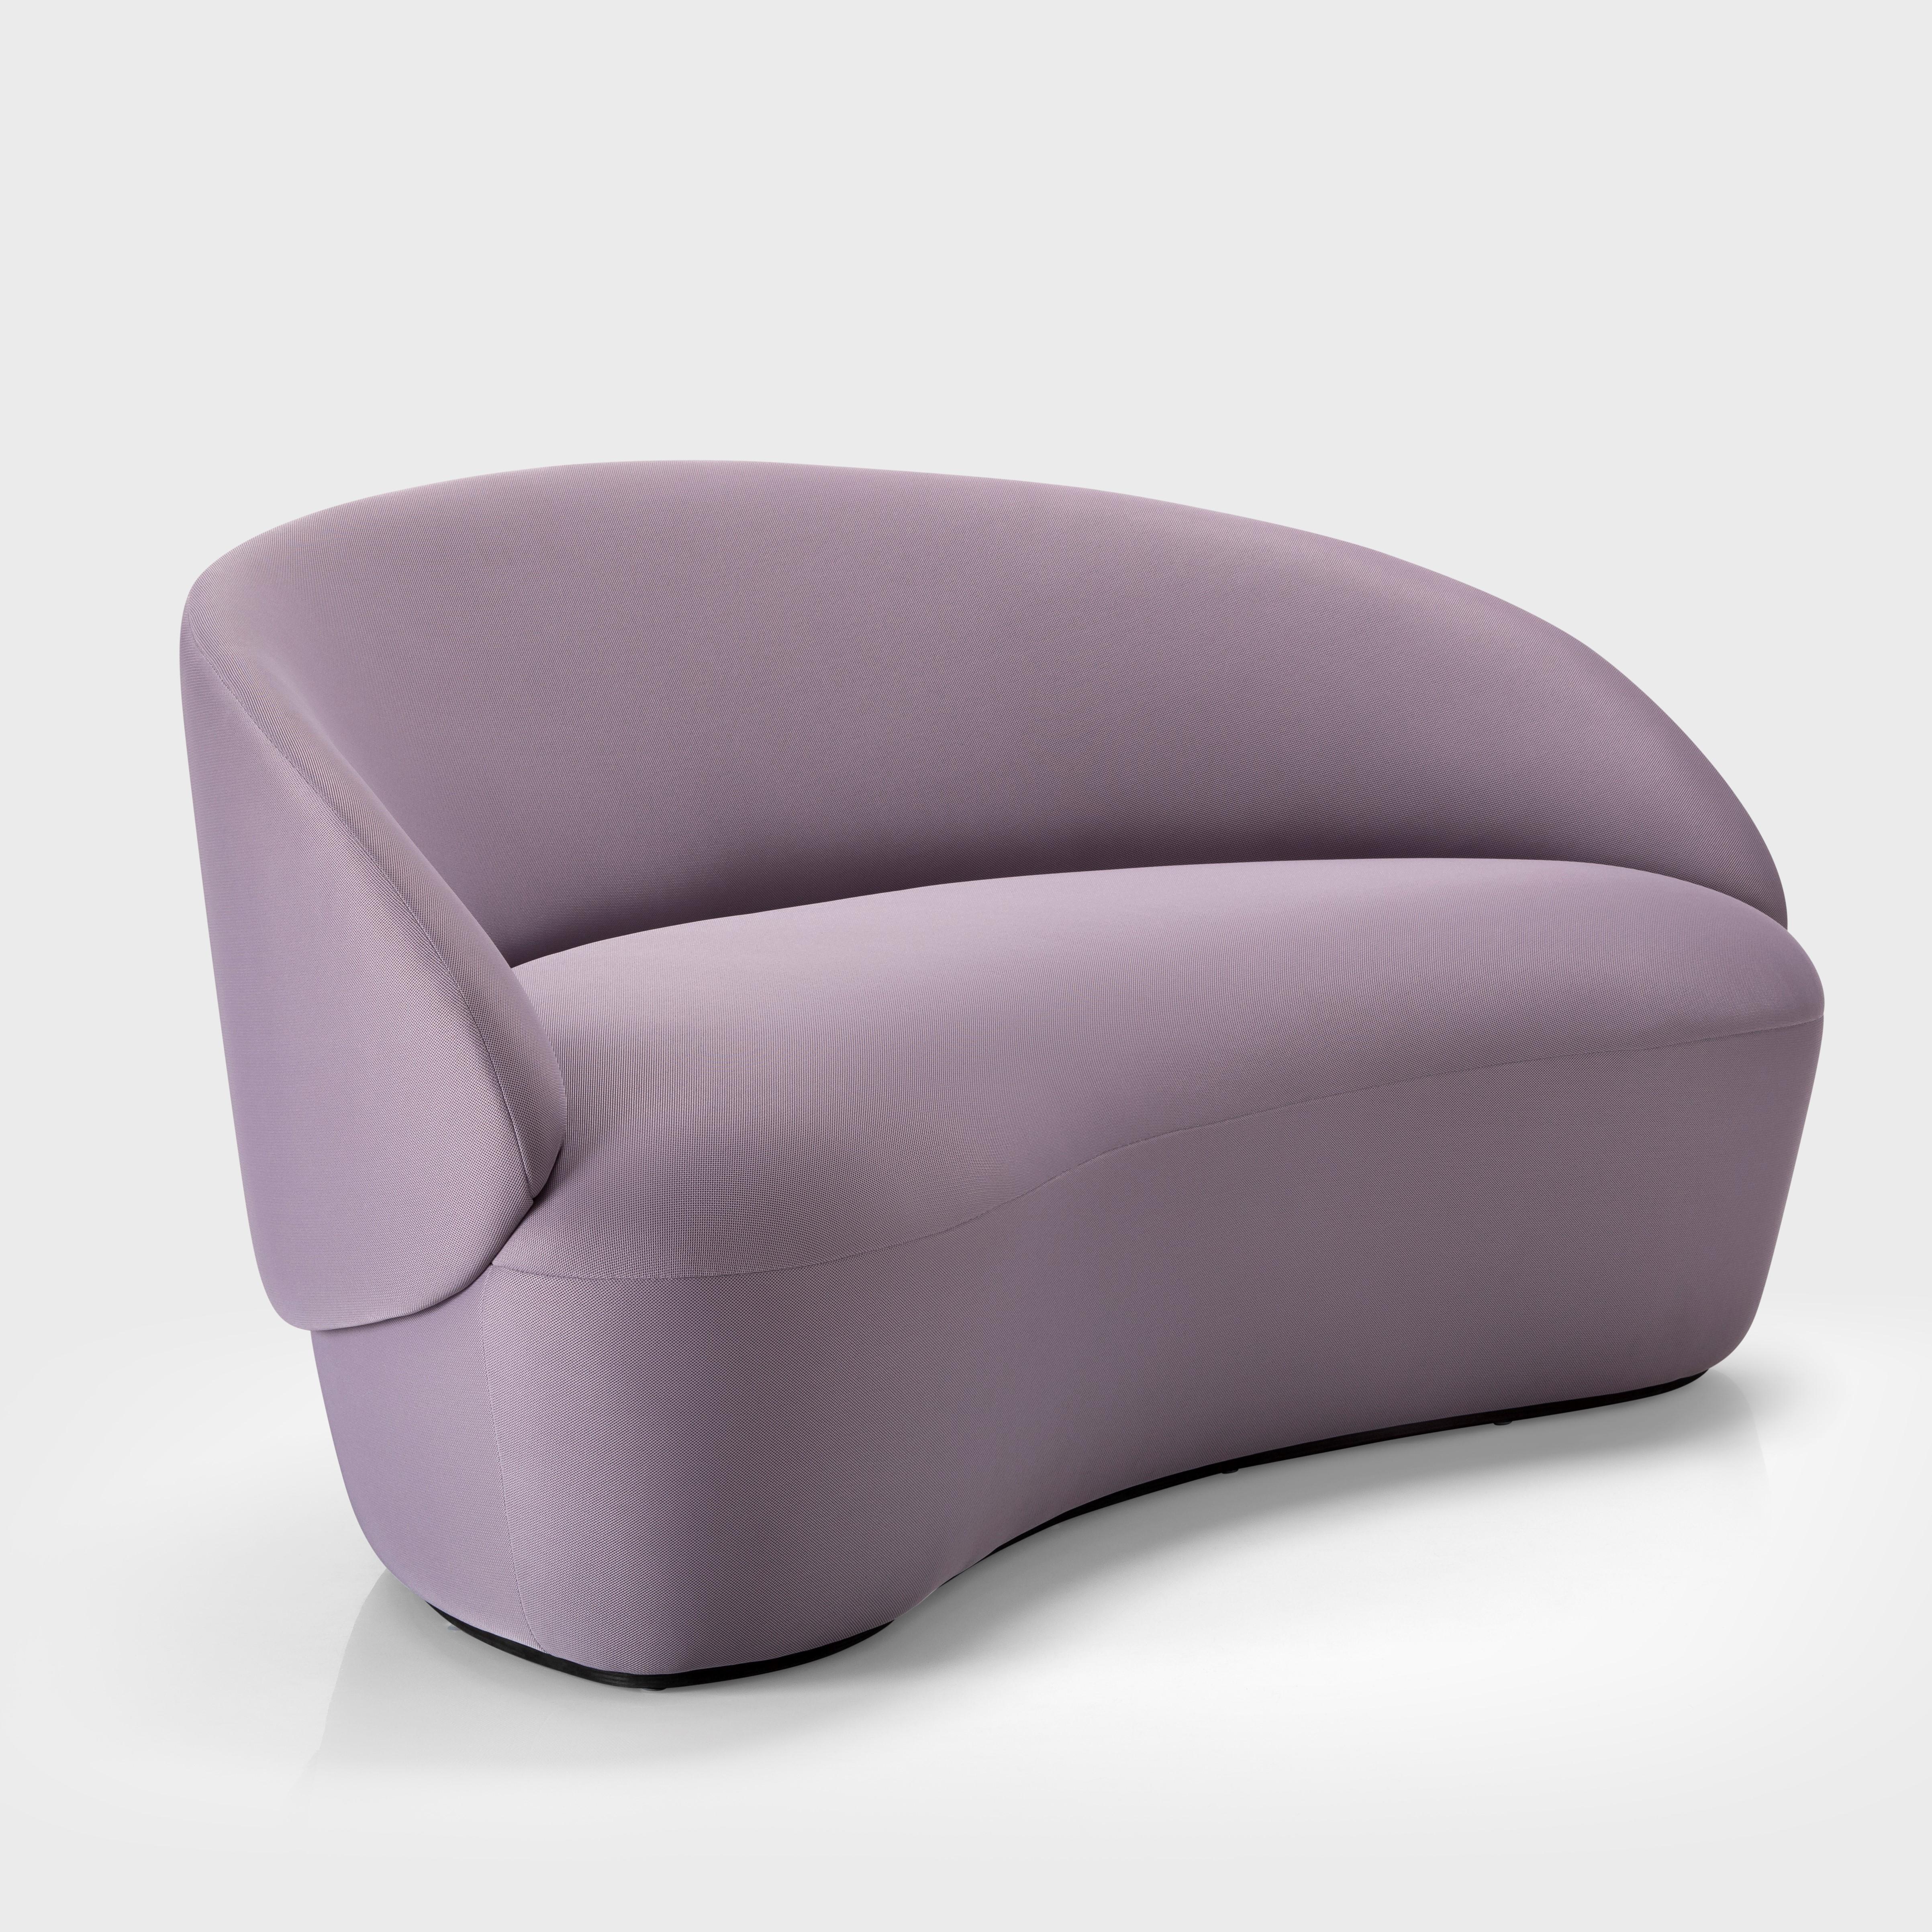 Emko-Naive-sofa-alyvine